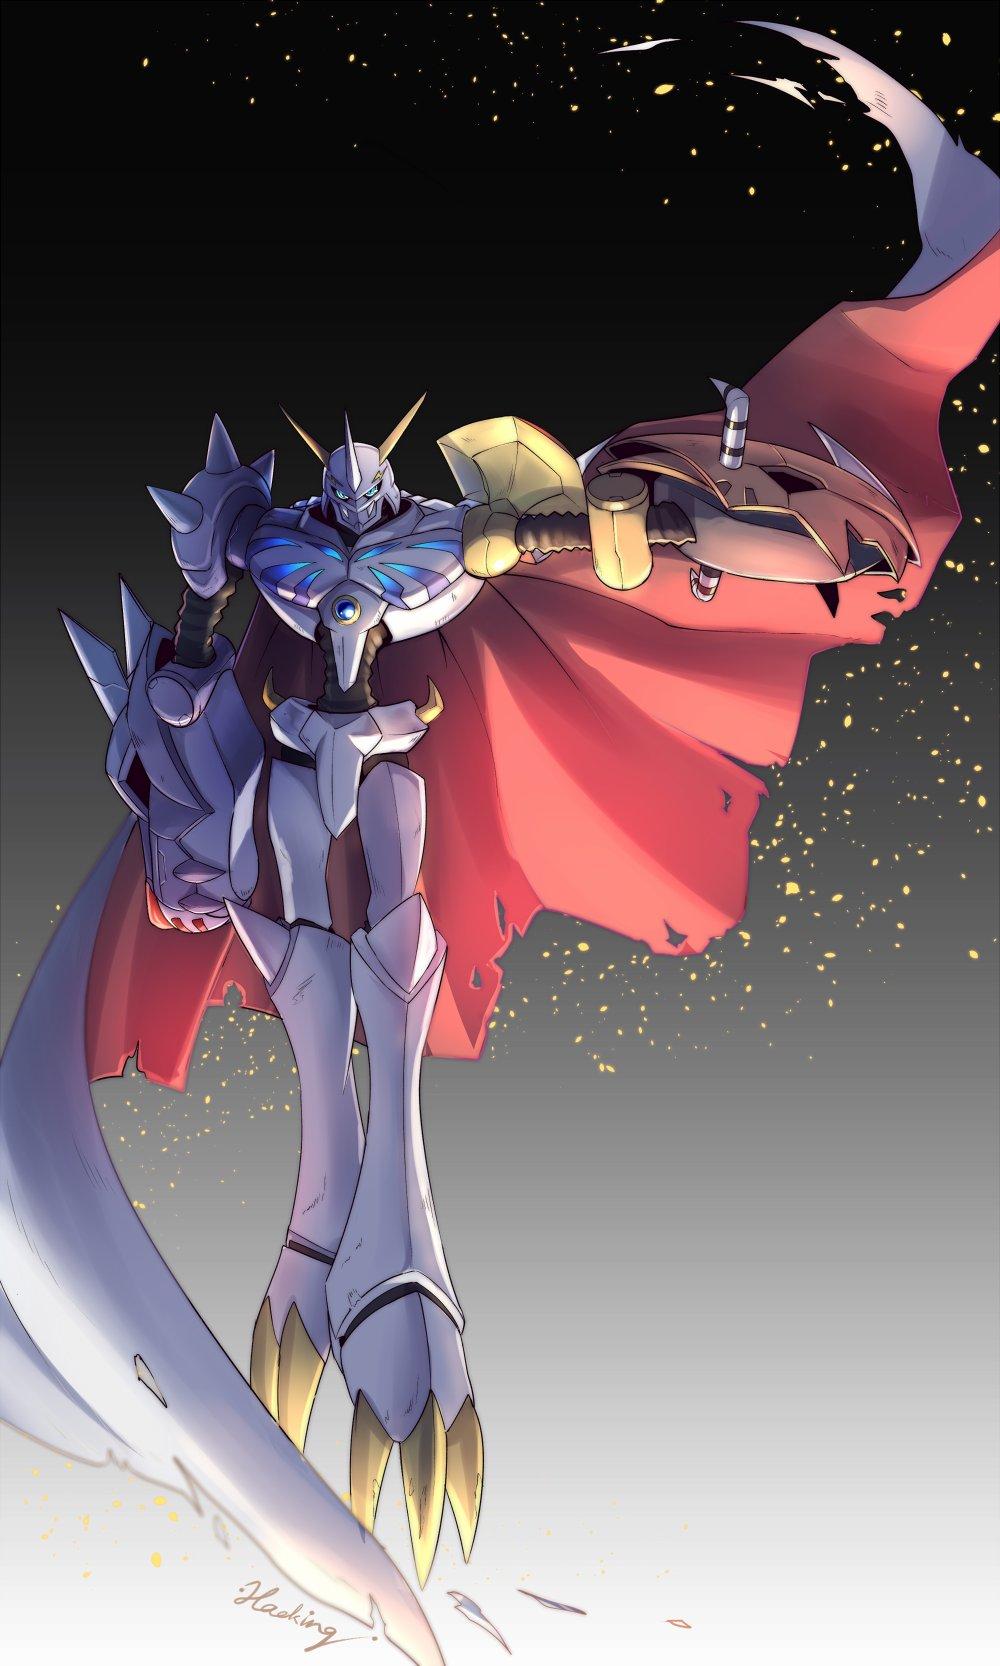 ハヱキング on Twitter in 2020 Digimon, Anime, Art